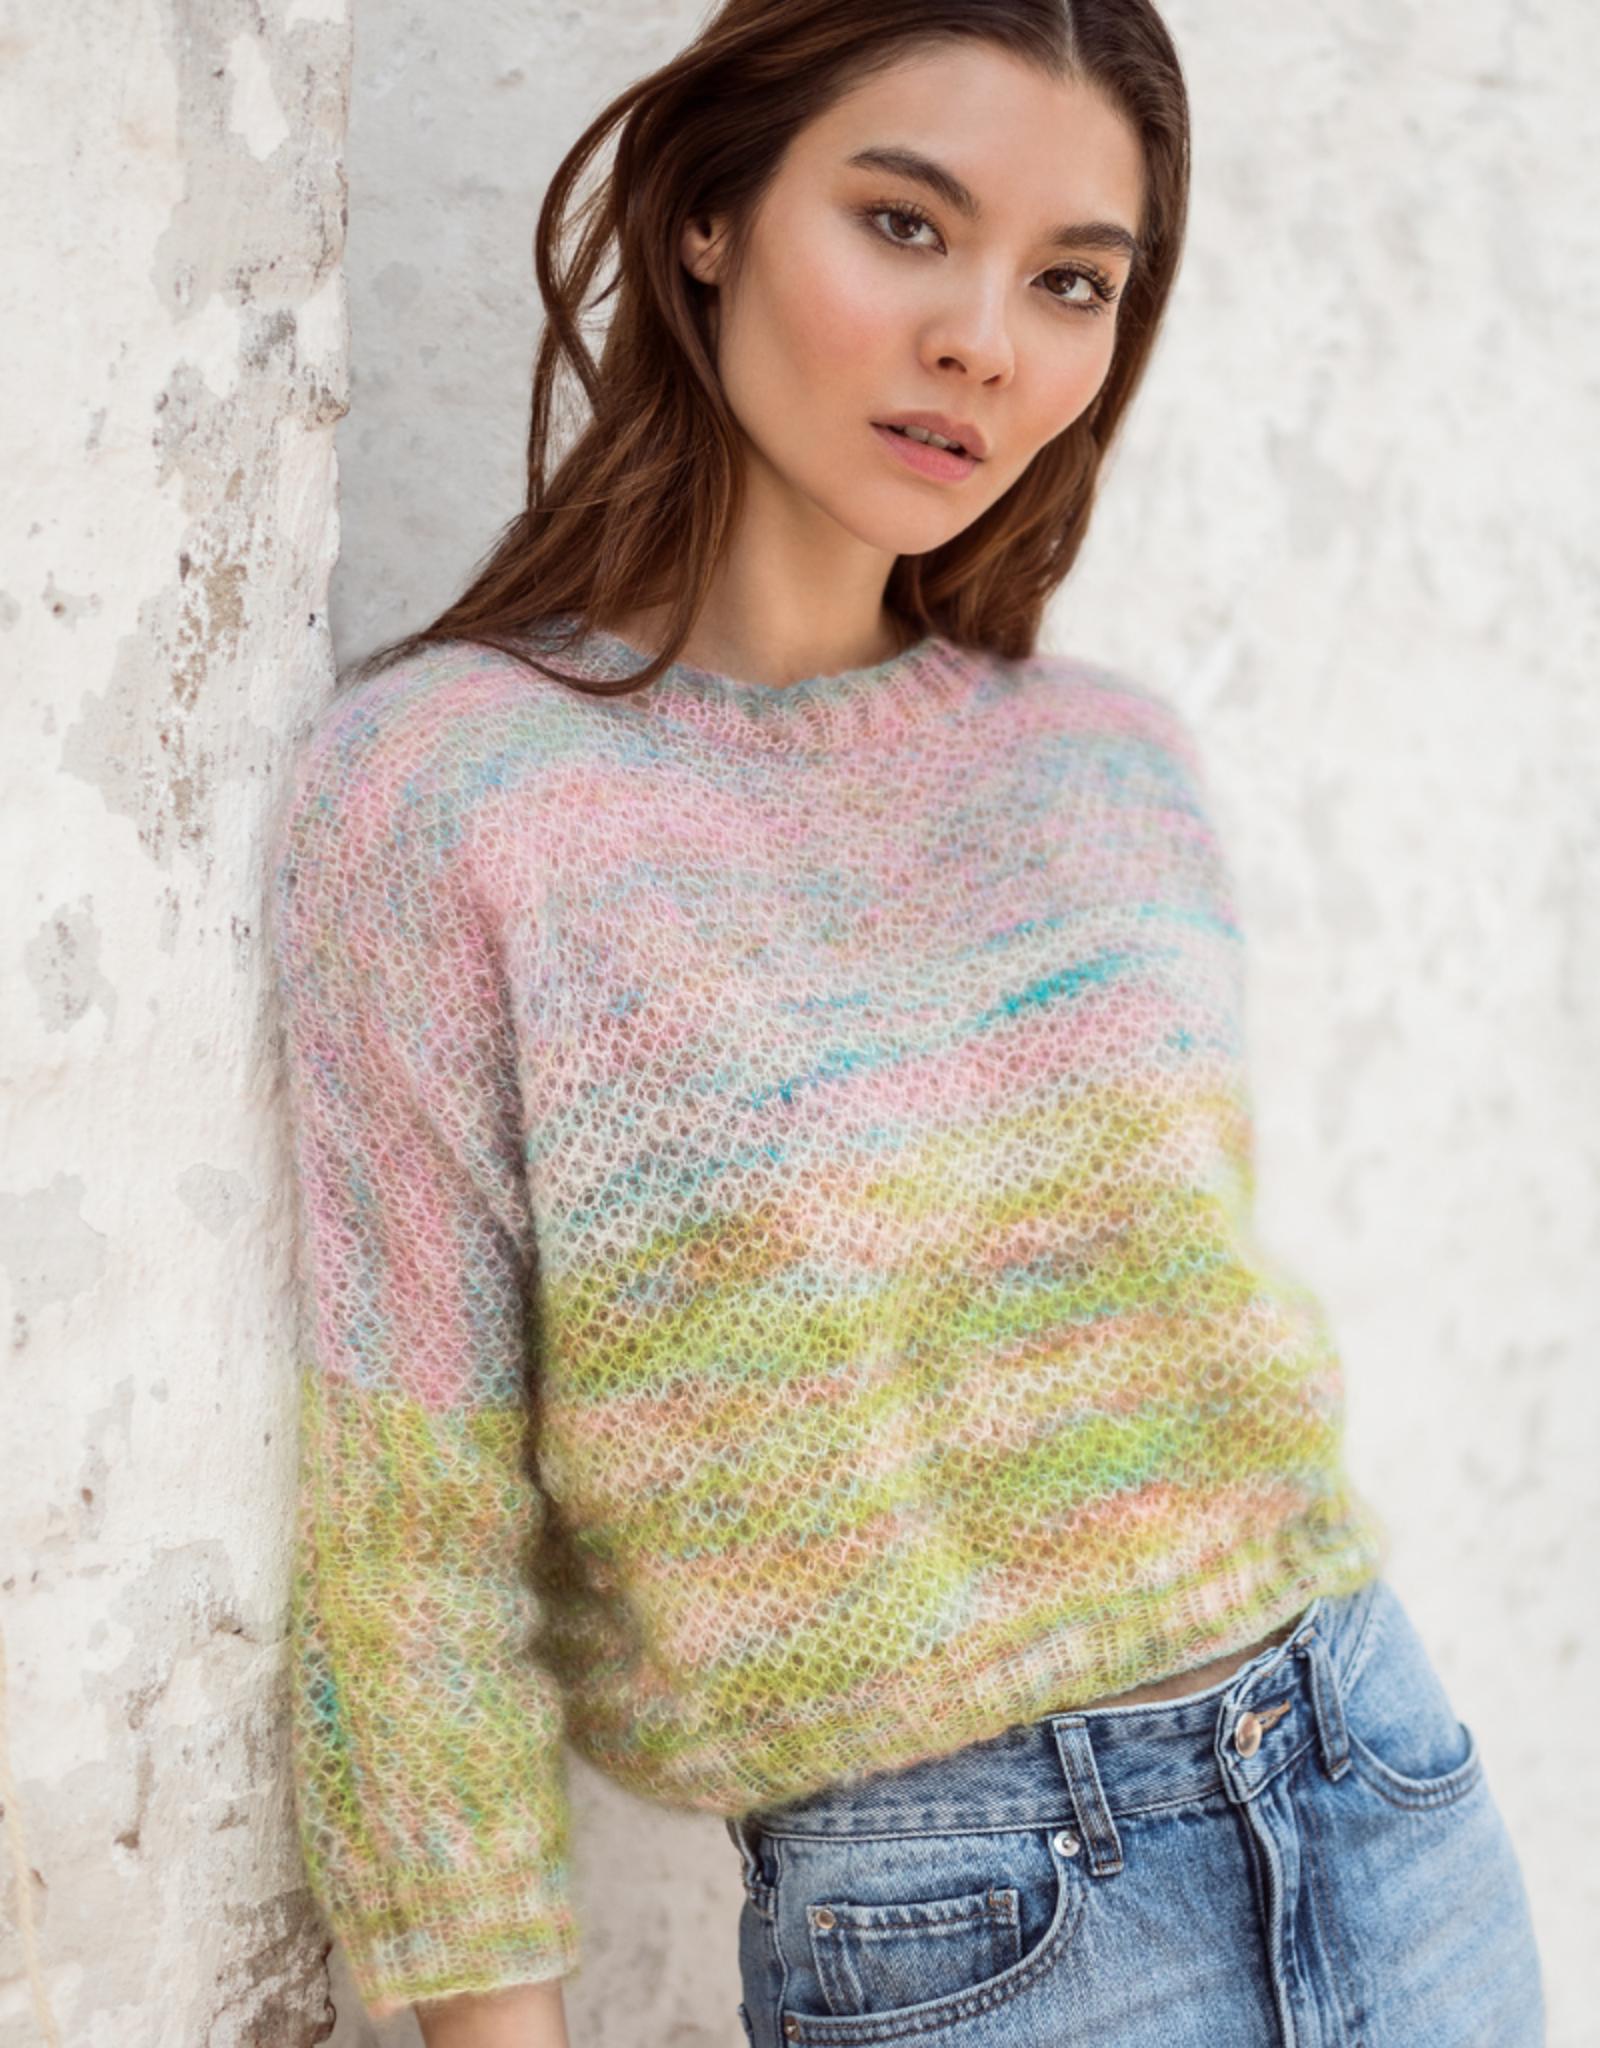 Lana Grossa Silkhair Hand-Dyed - Trui